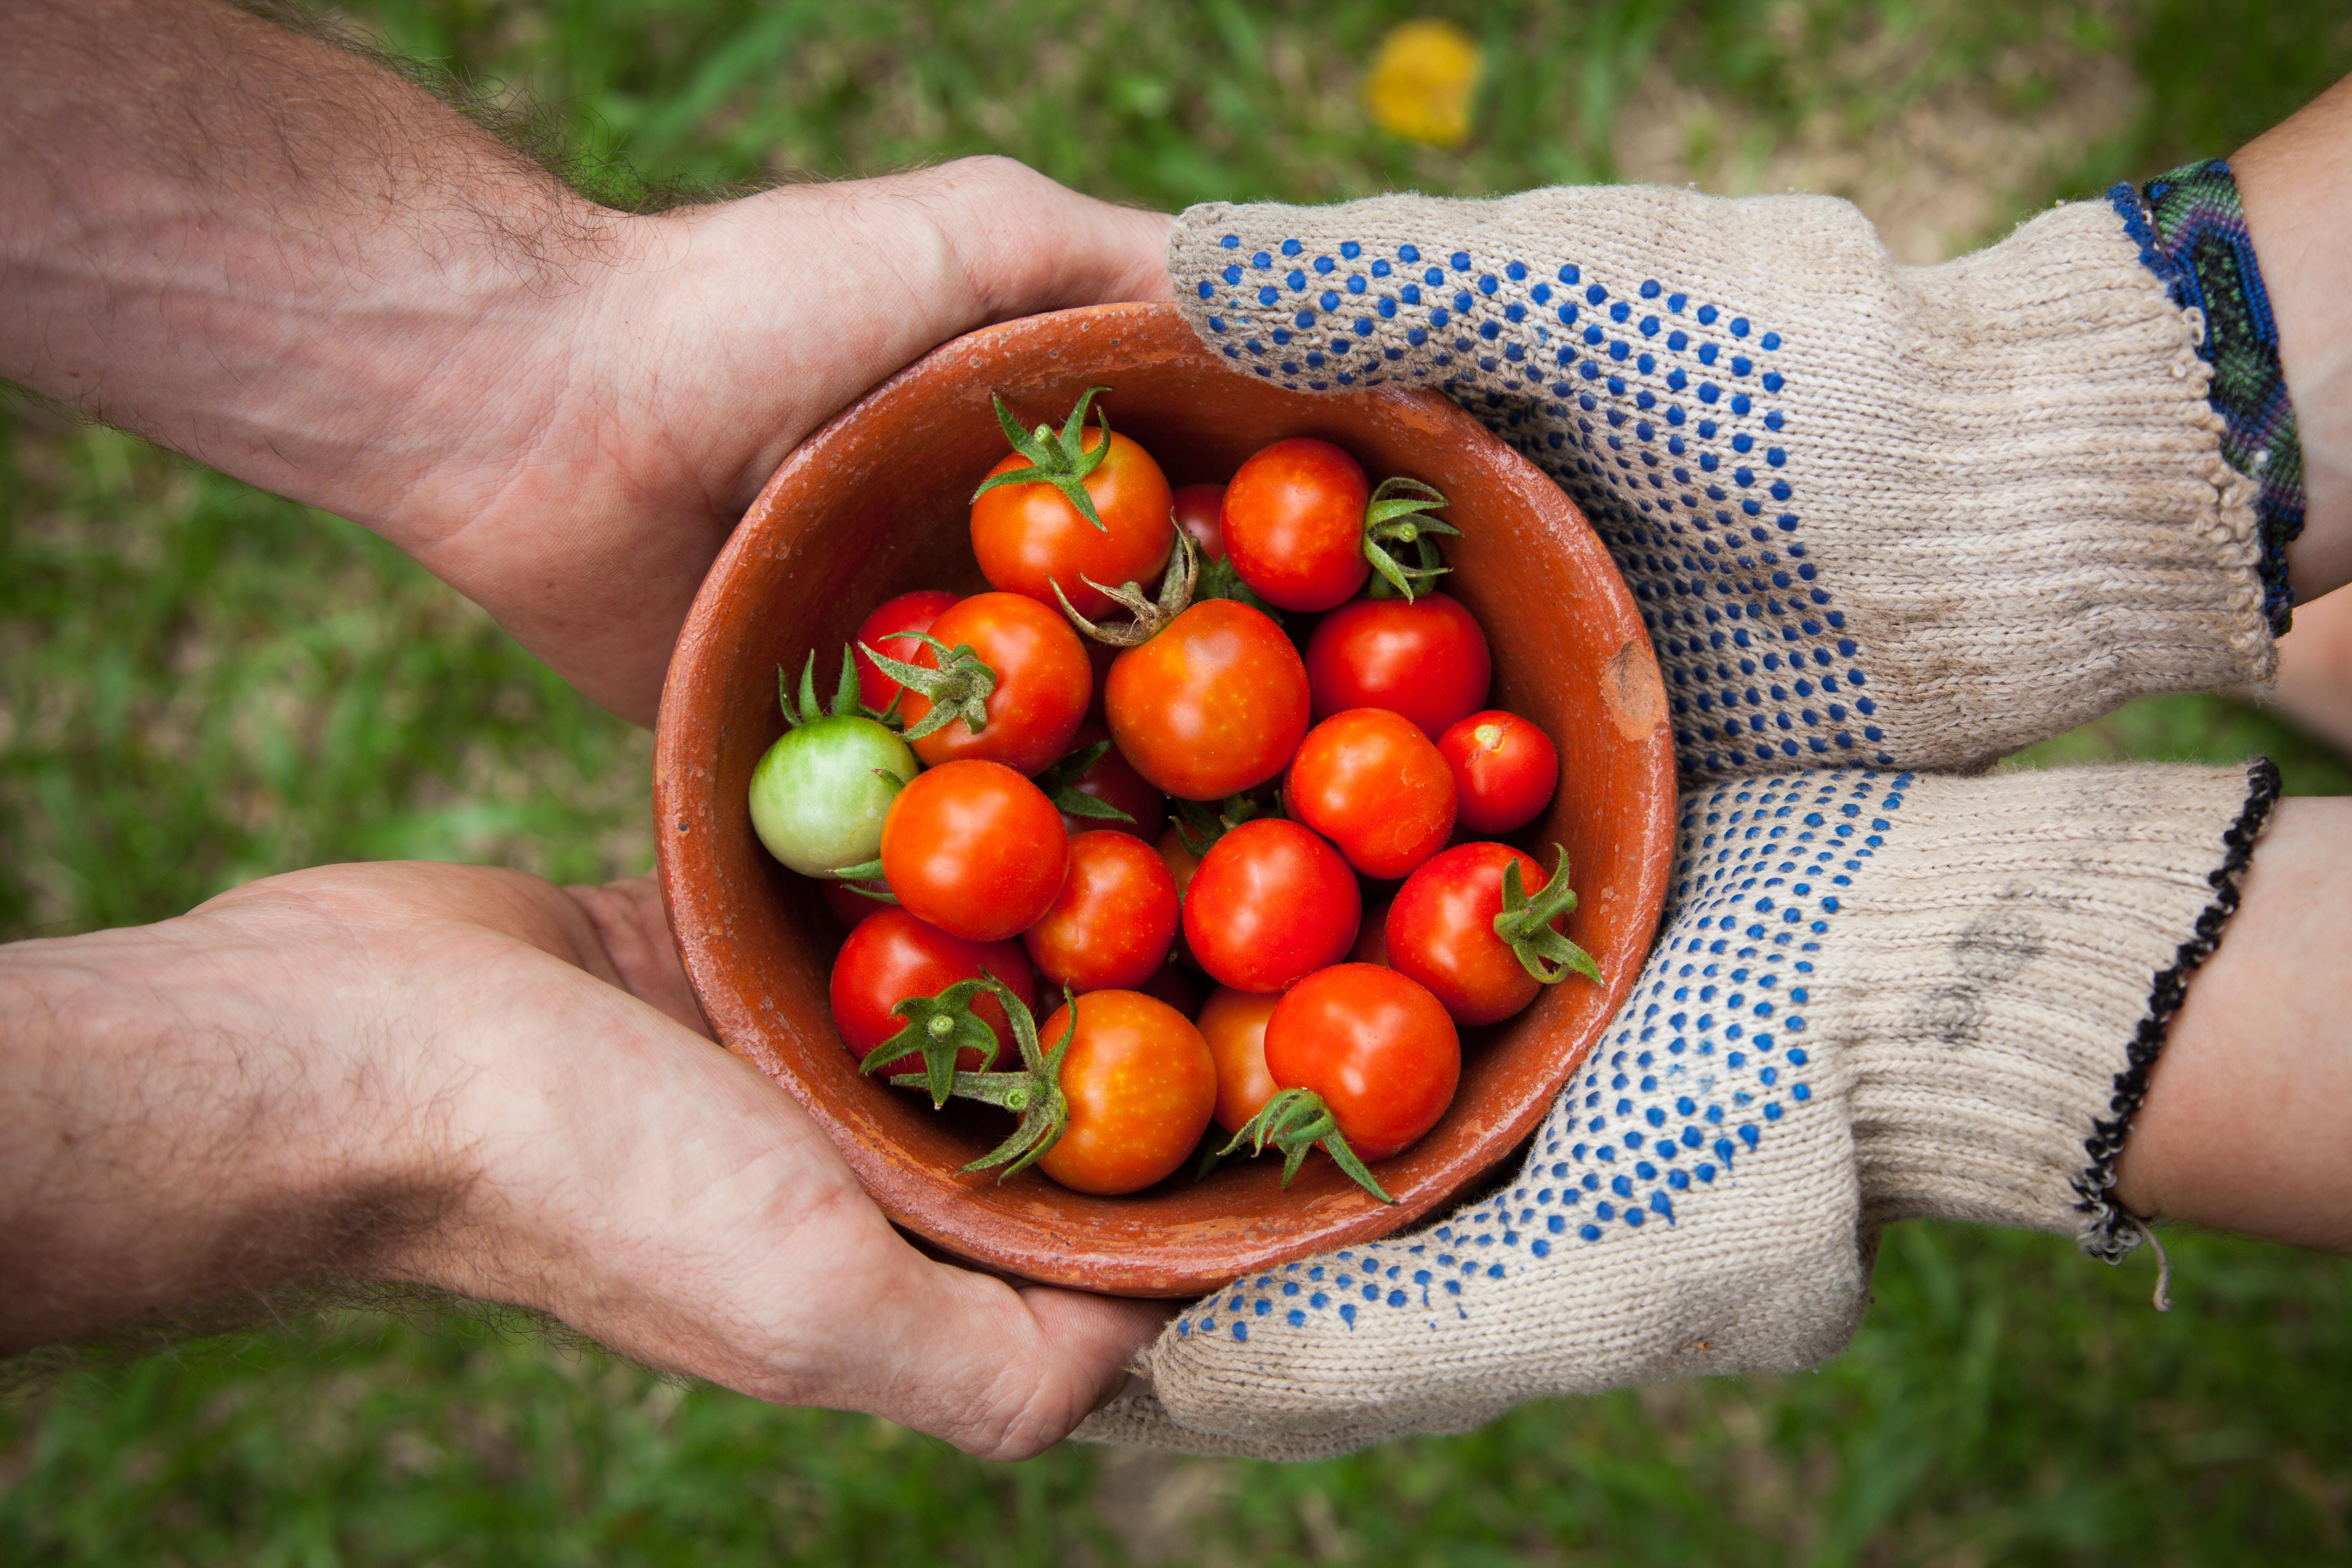 Community First Village Feeding